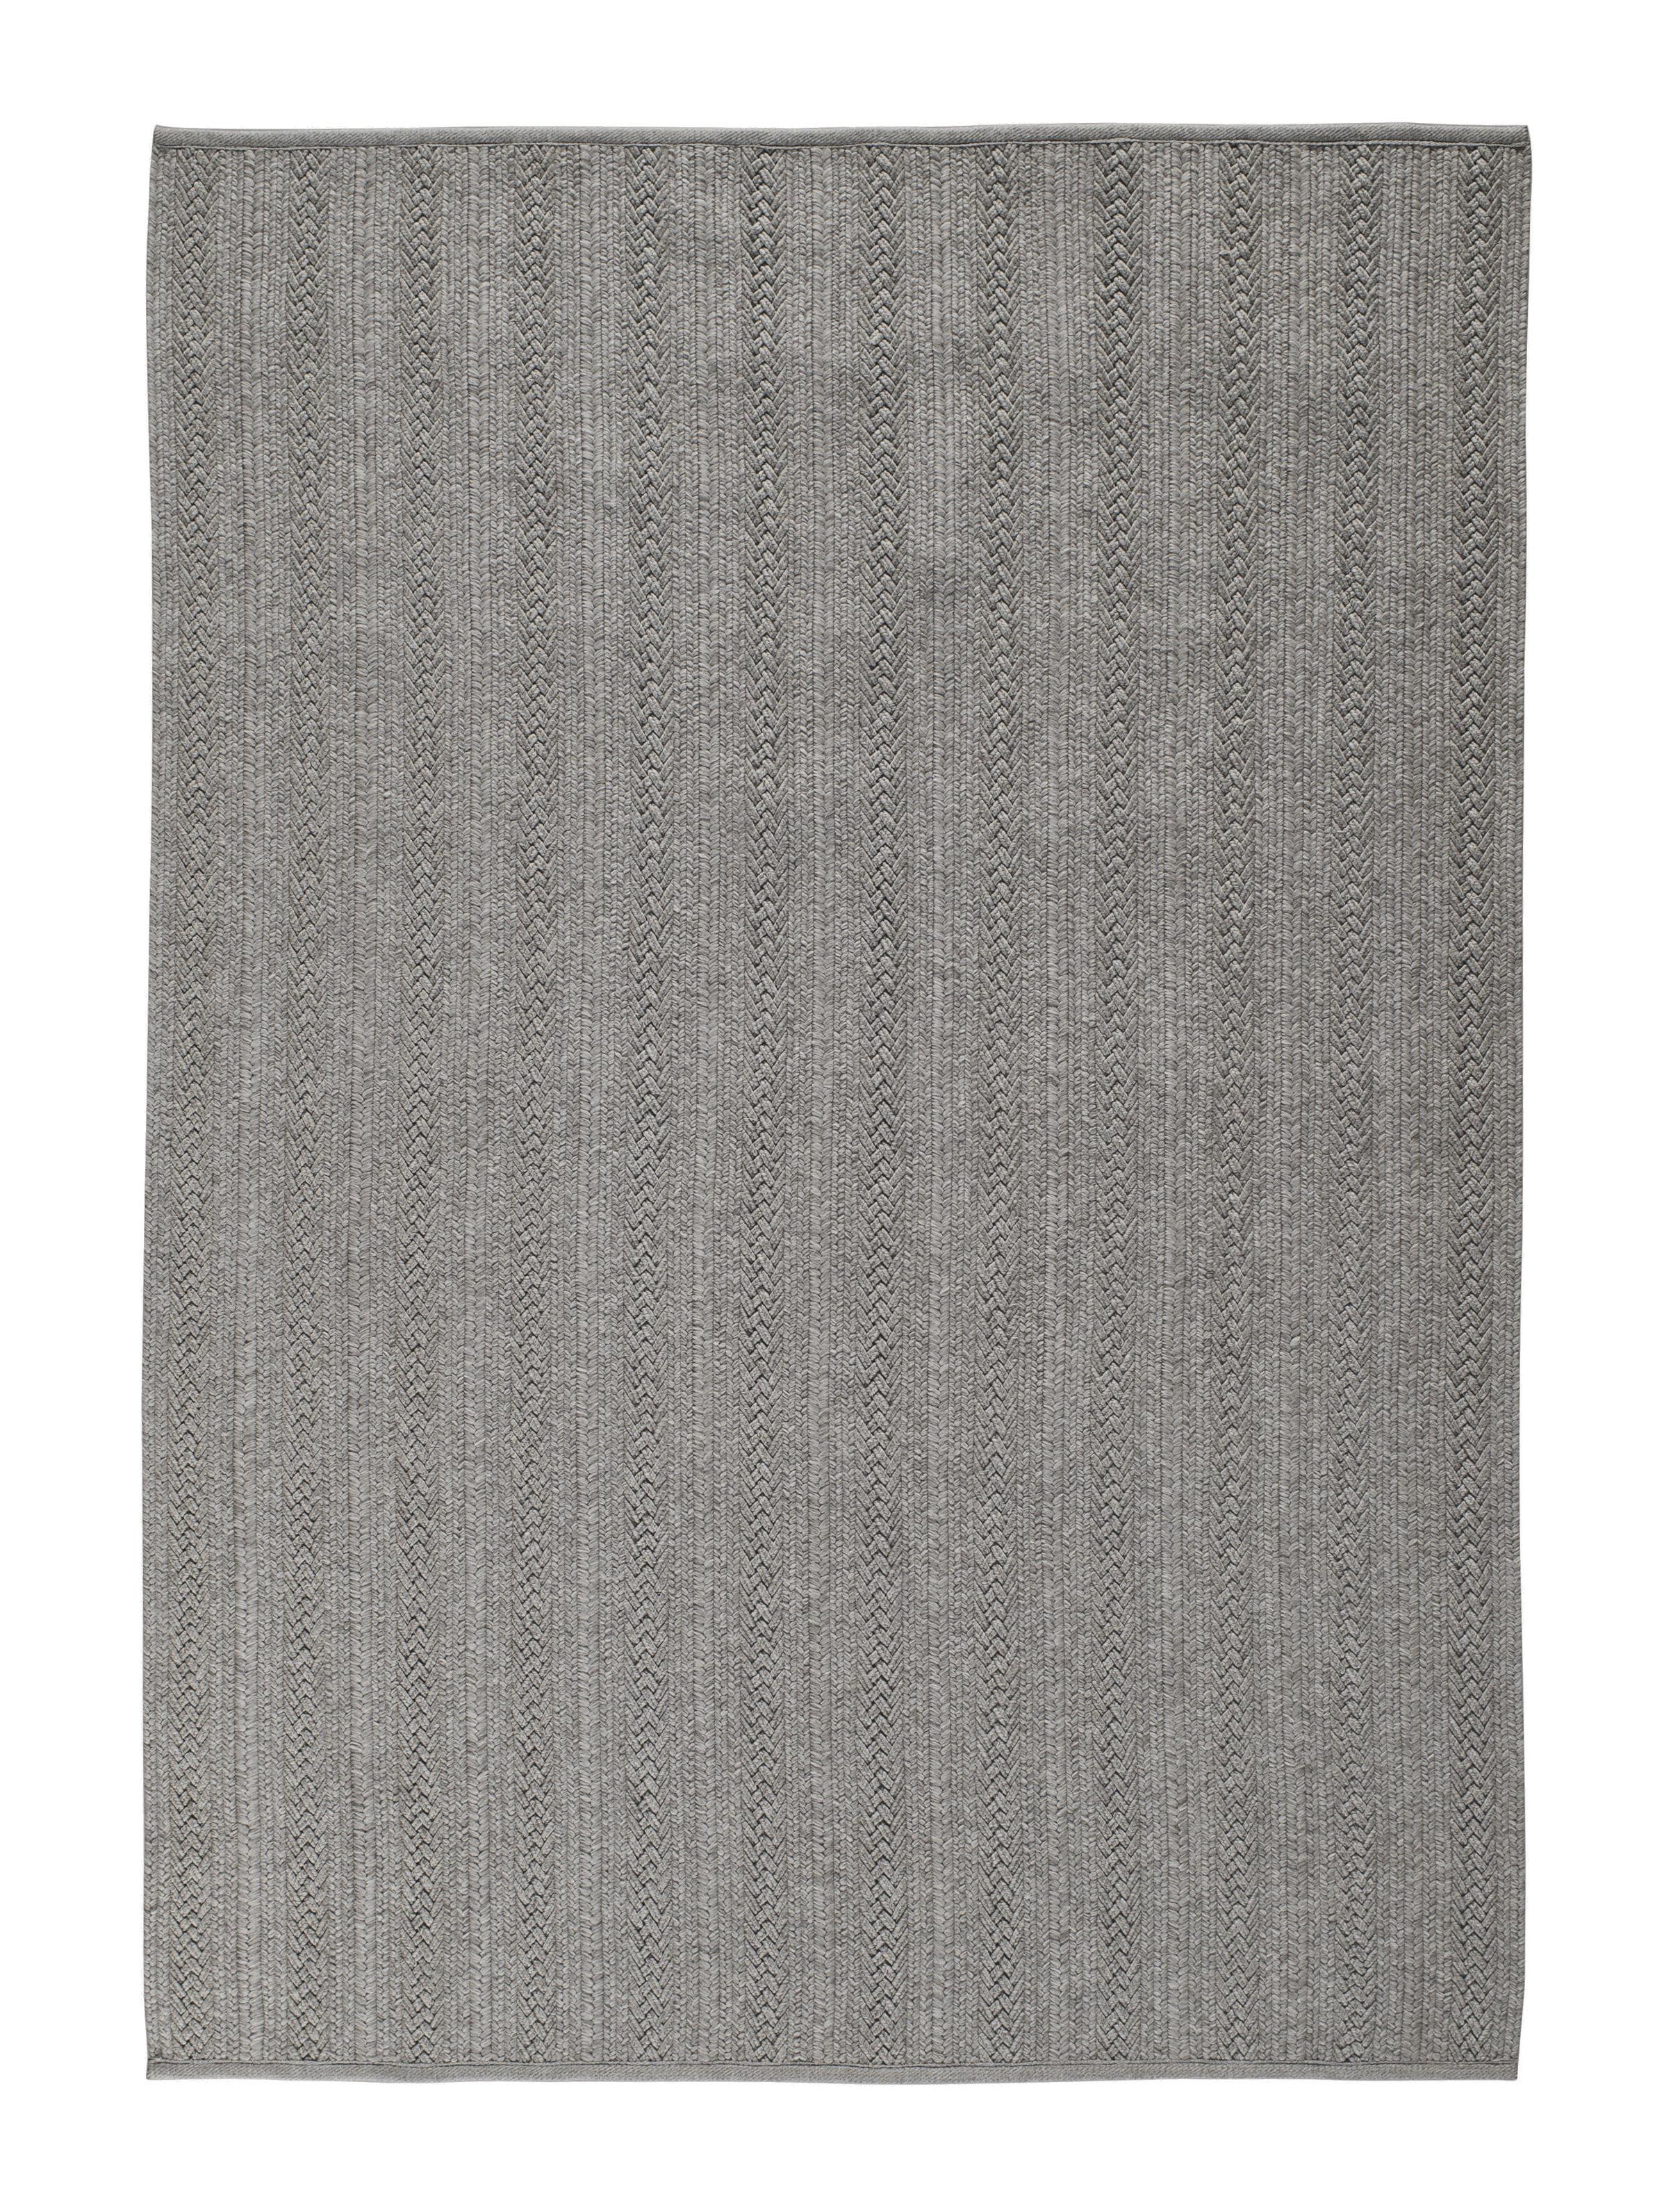 tapis d 39 ext rieur torsade 170 x 240 cm gris toulemonde. Black Bedroom Furniture Sets. Home Design Ideas